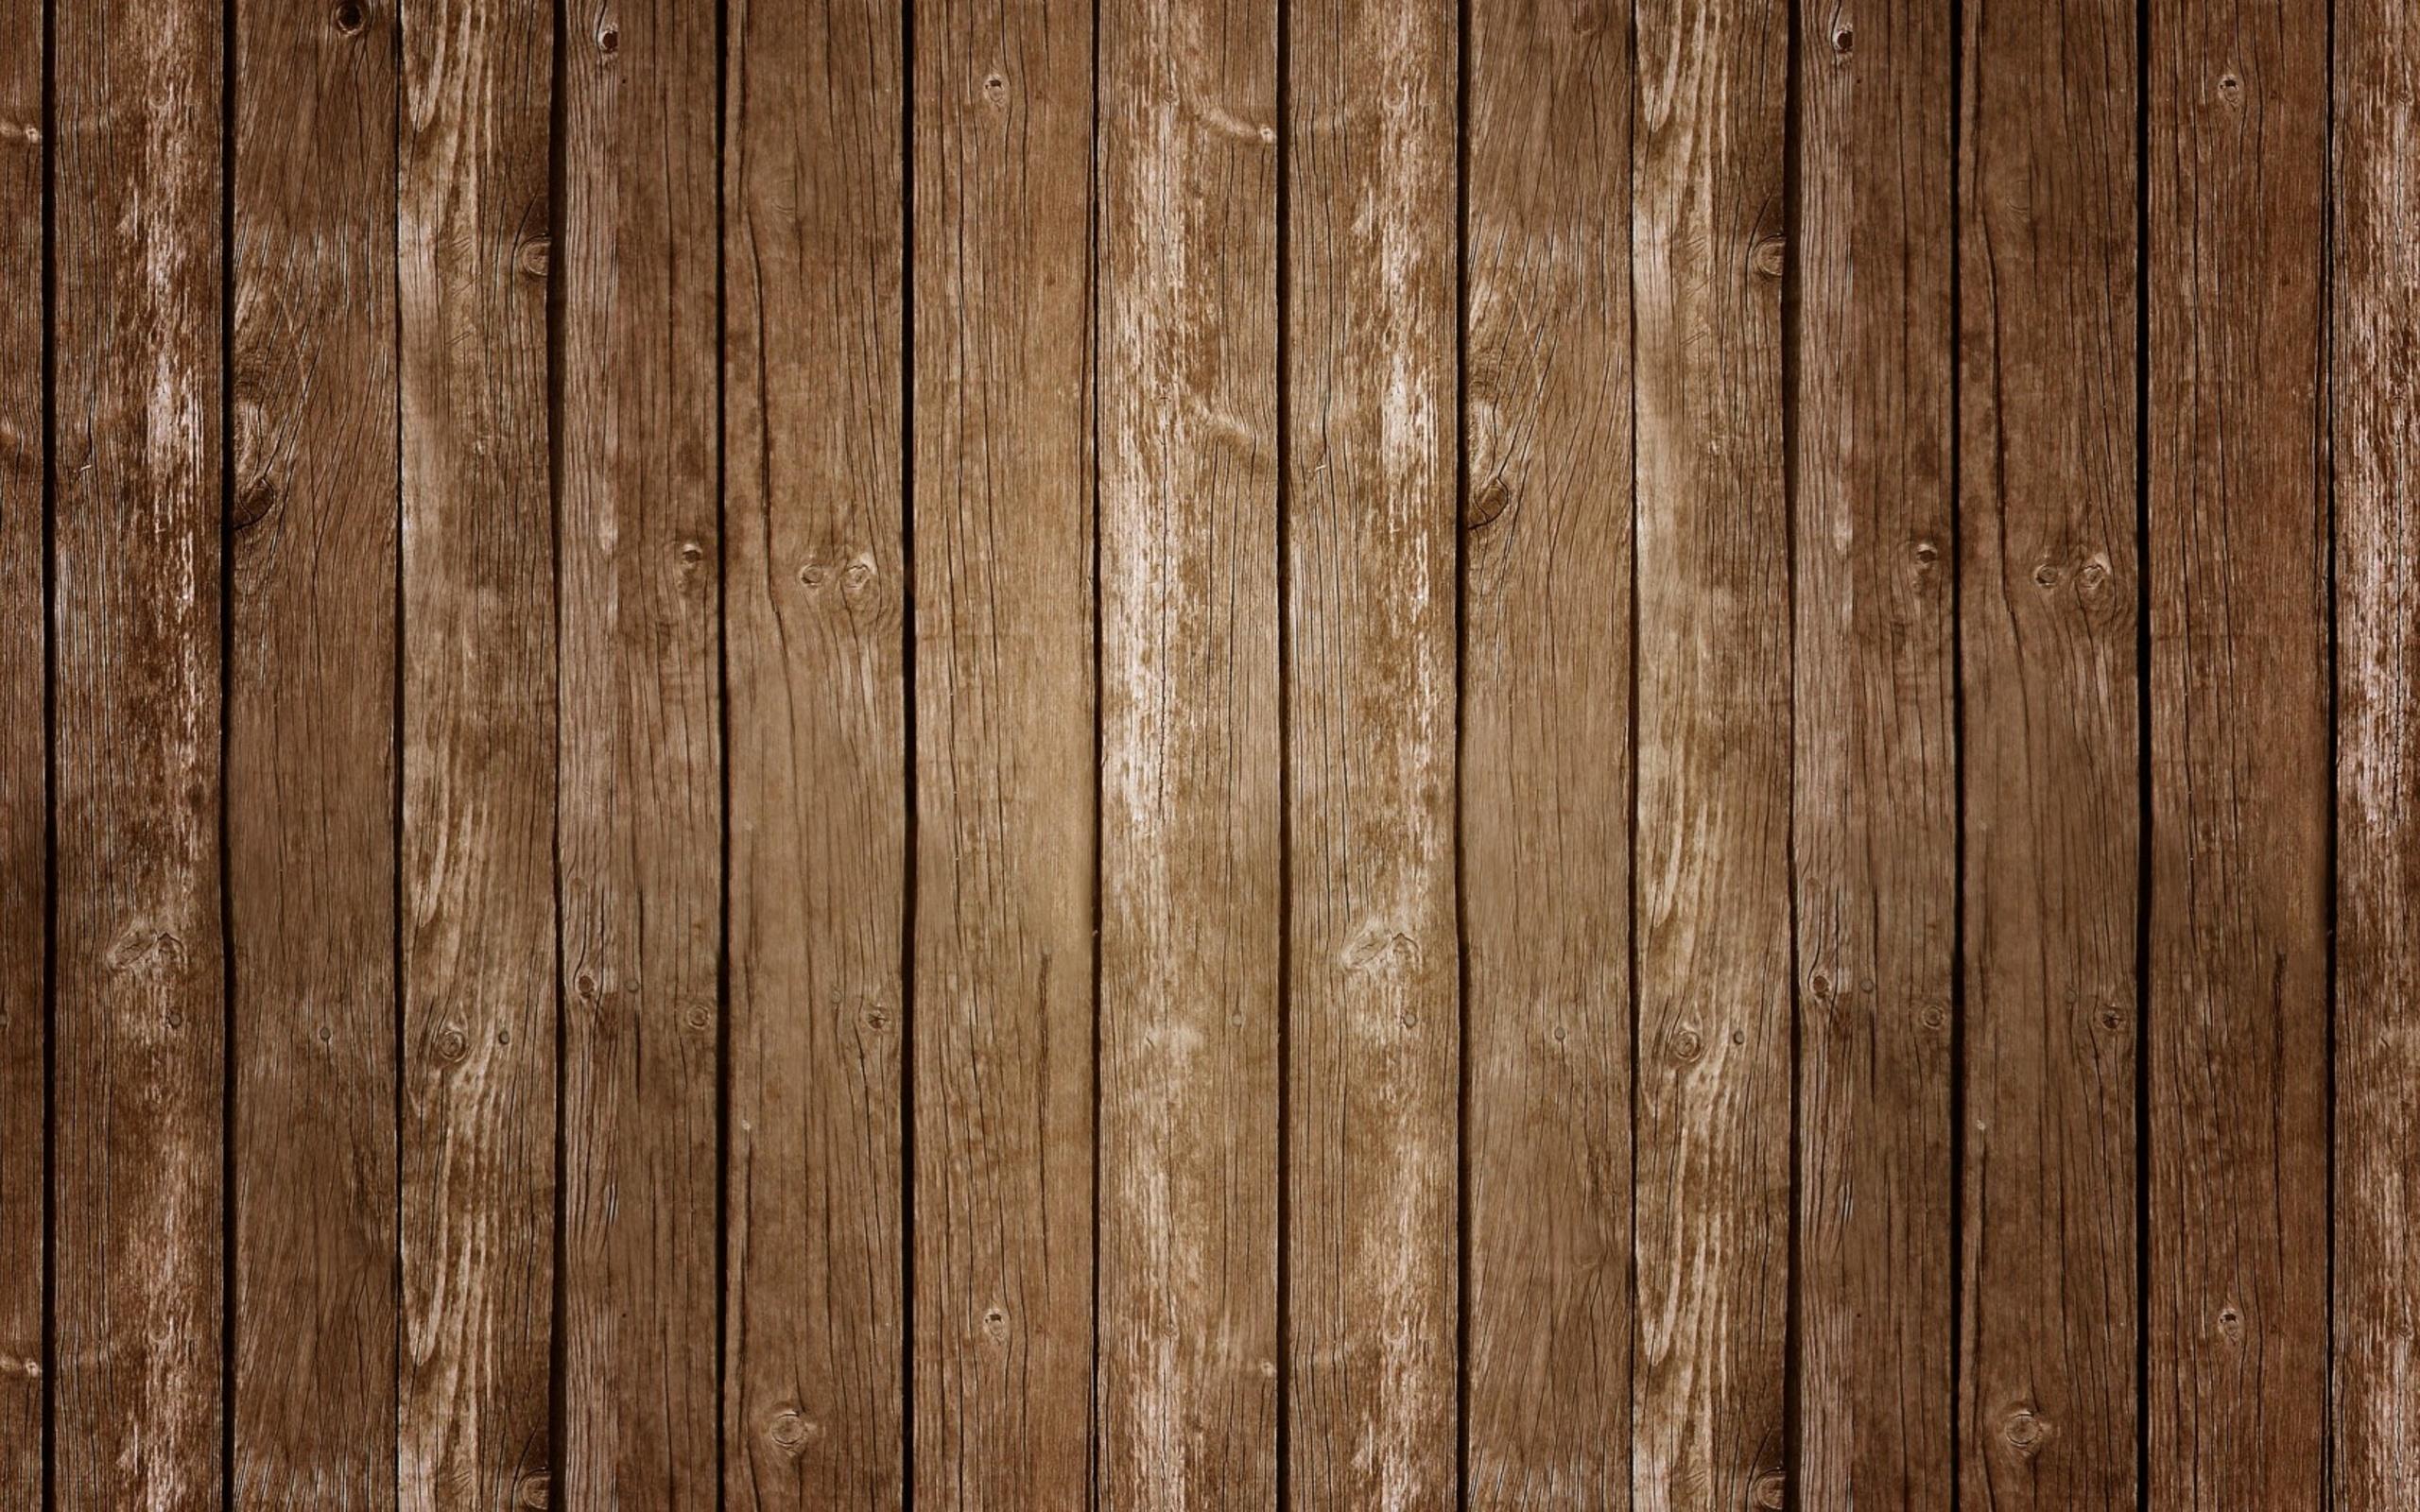 wood-pattern-background05EE37AD-0CC8-947A-4D8D-7949408DD01B.jpg